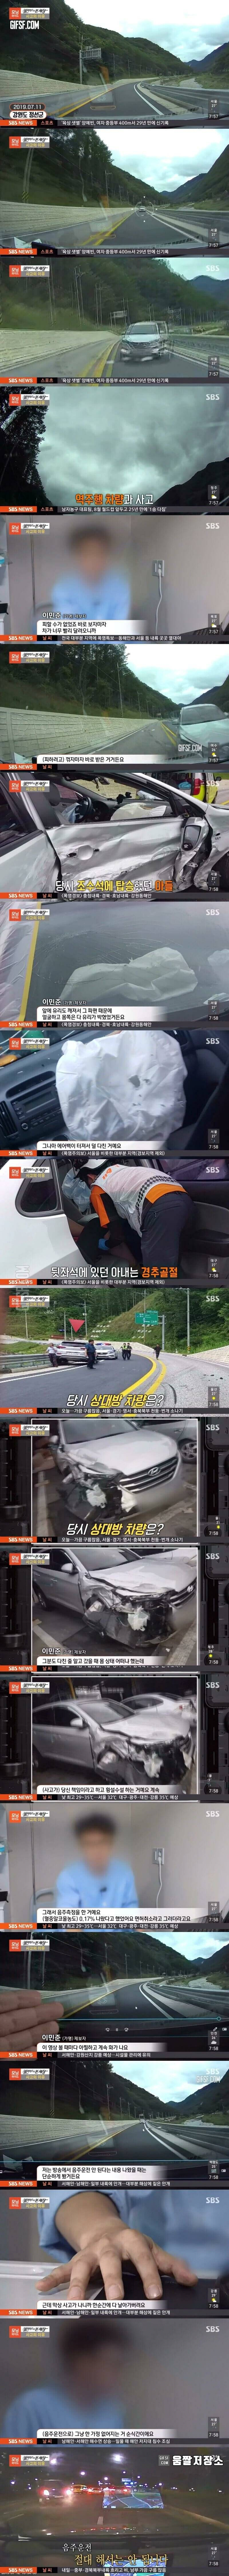 정선군 음주운전 역주행 사고 블박 영상 | 인스티즈